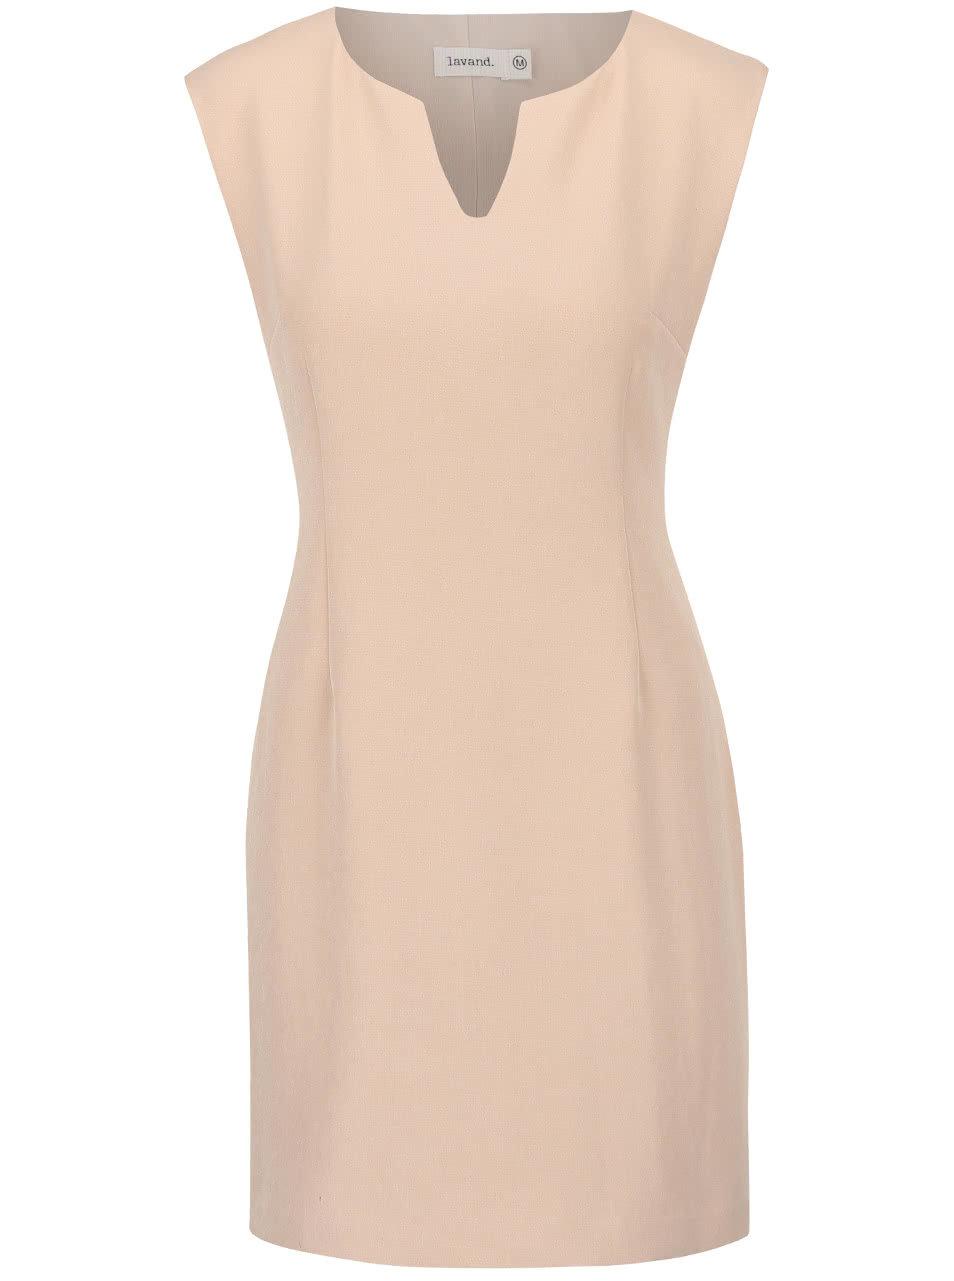 Béžové pouzdrové šaty Lavand ... feae55460da